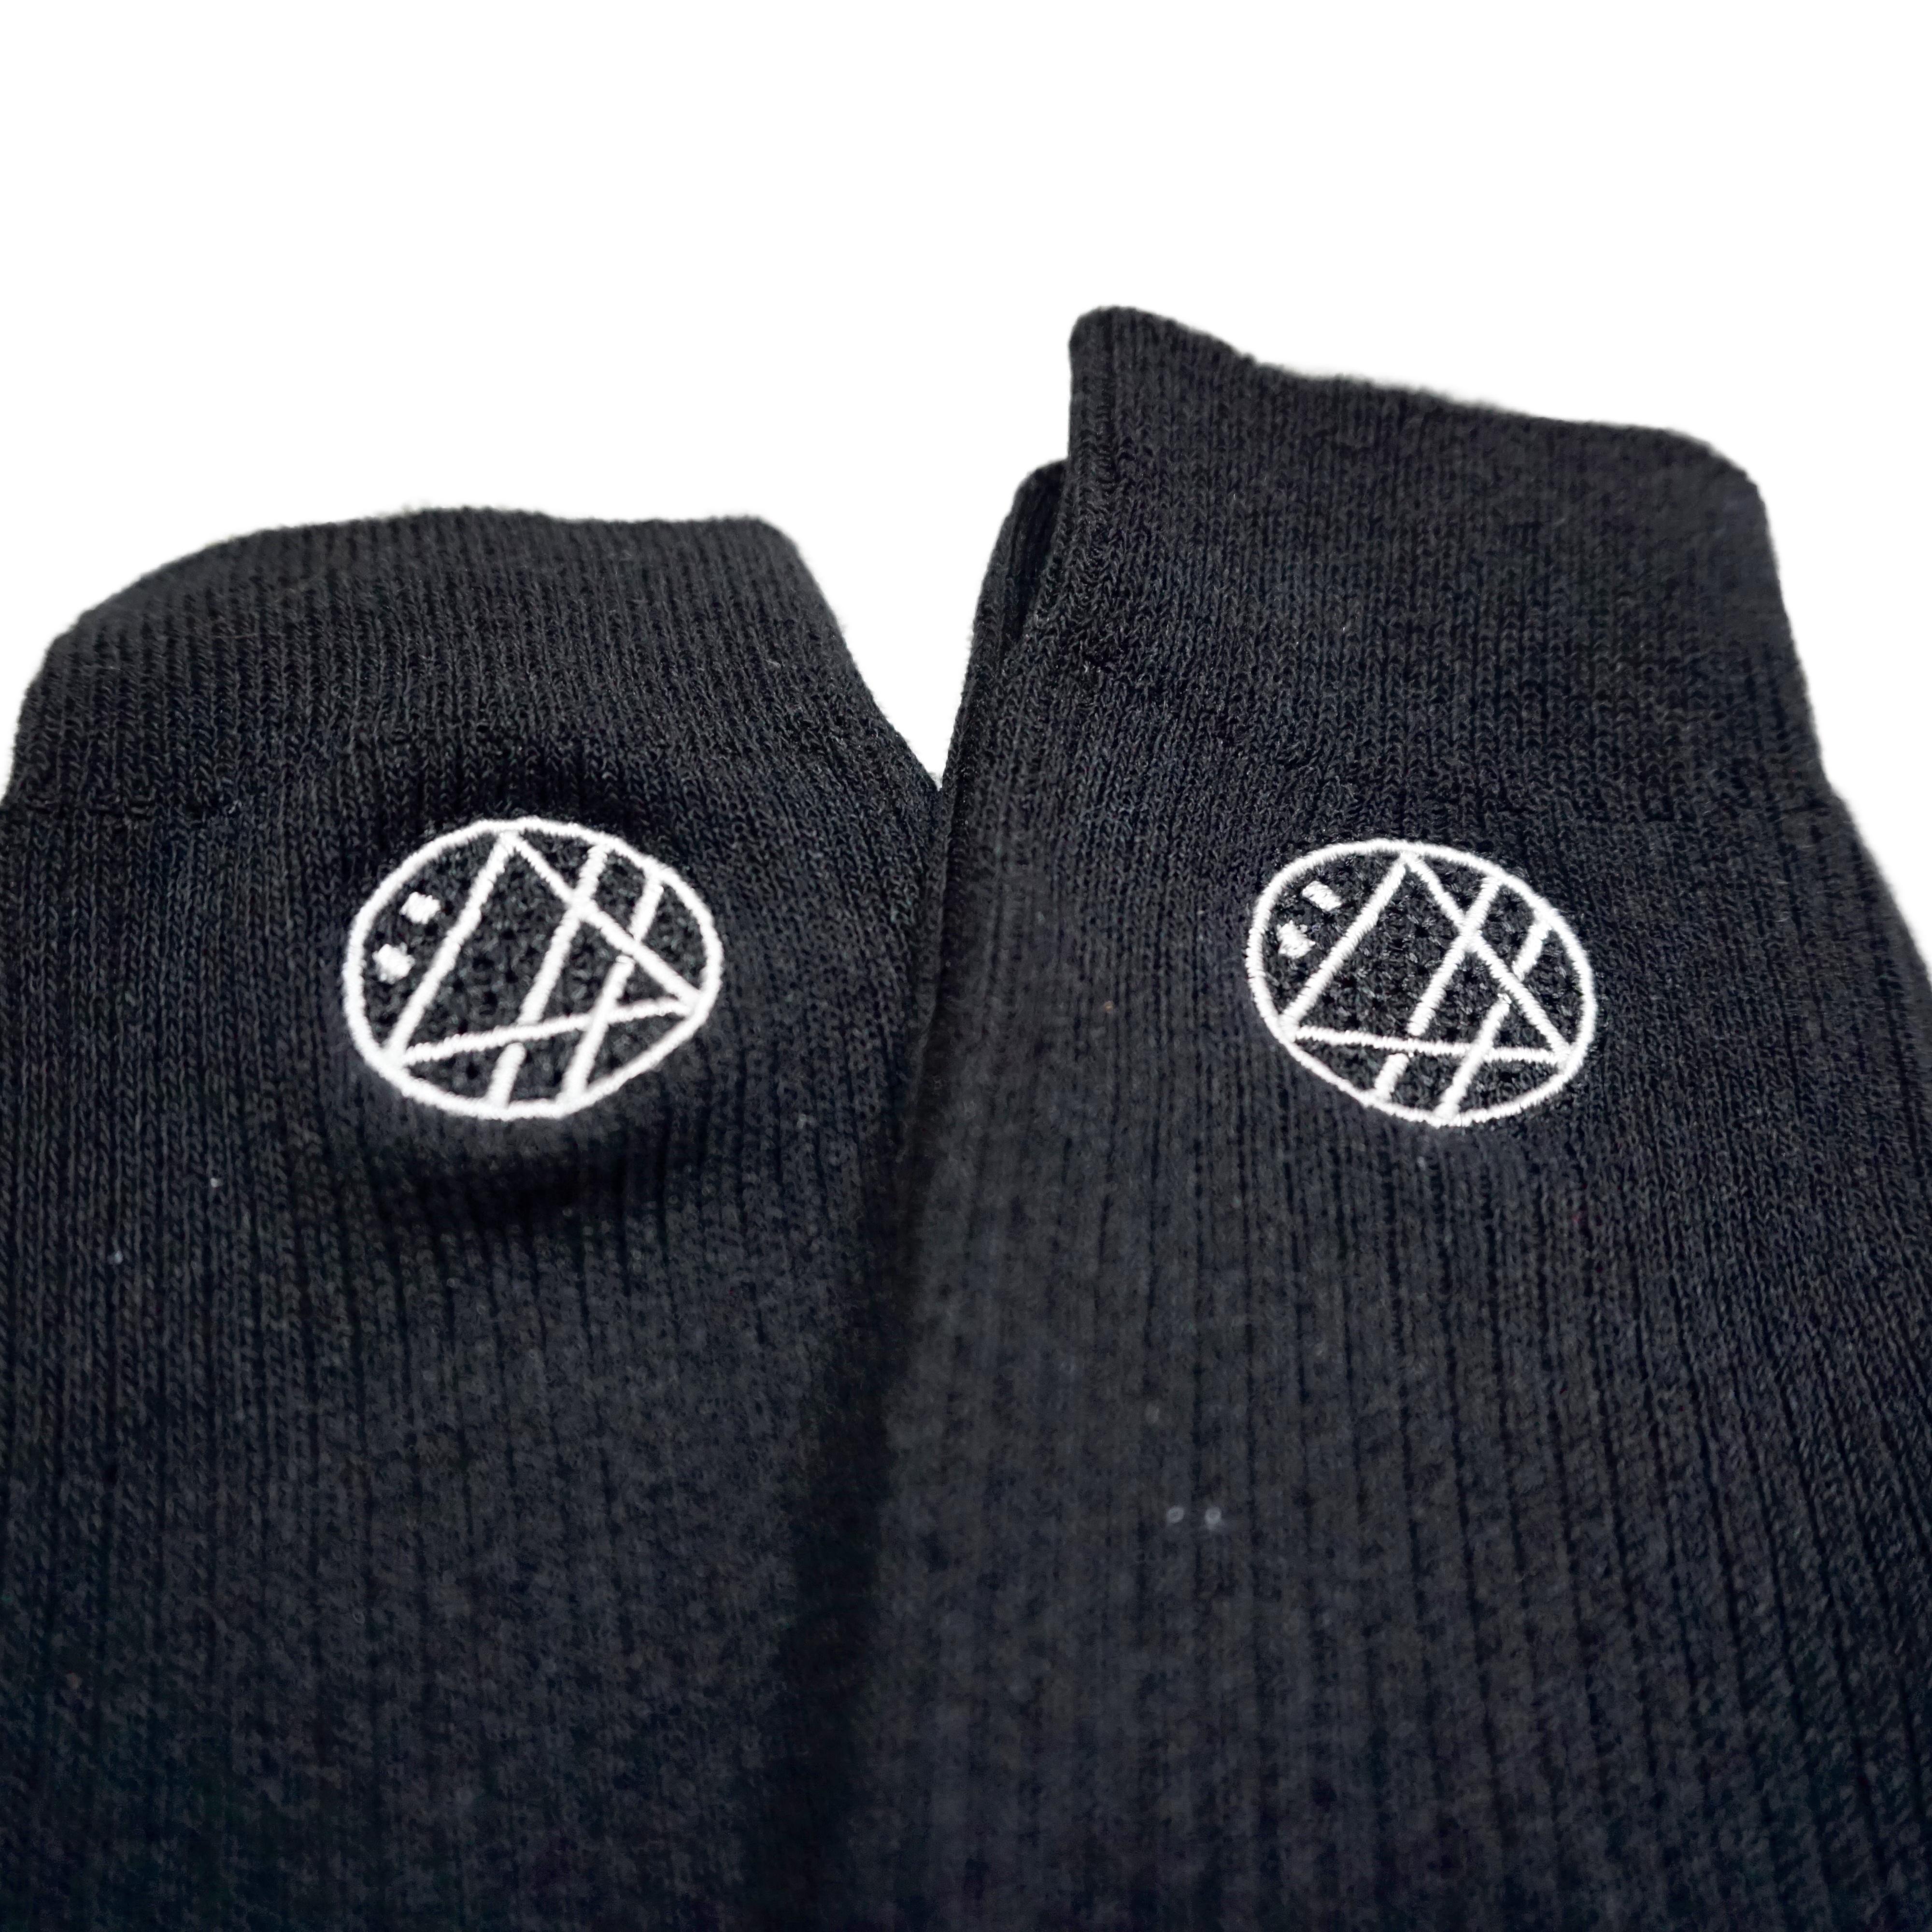 丸ロゴ刺繍ソックス (ブラック) - 画像3